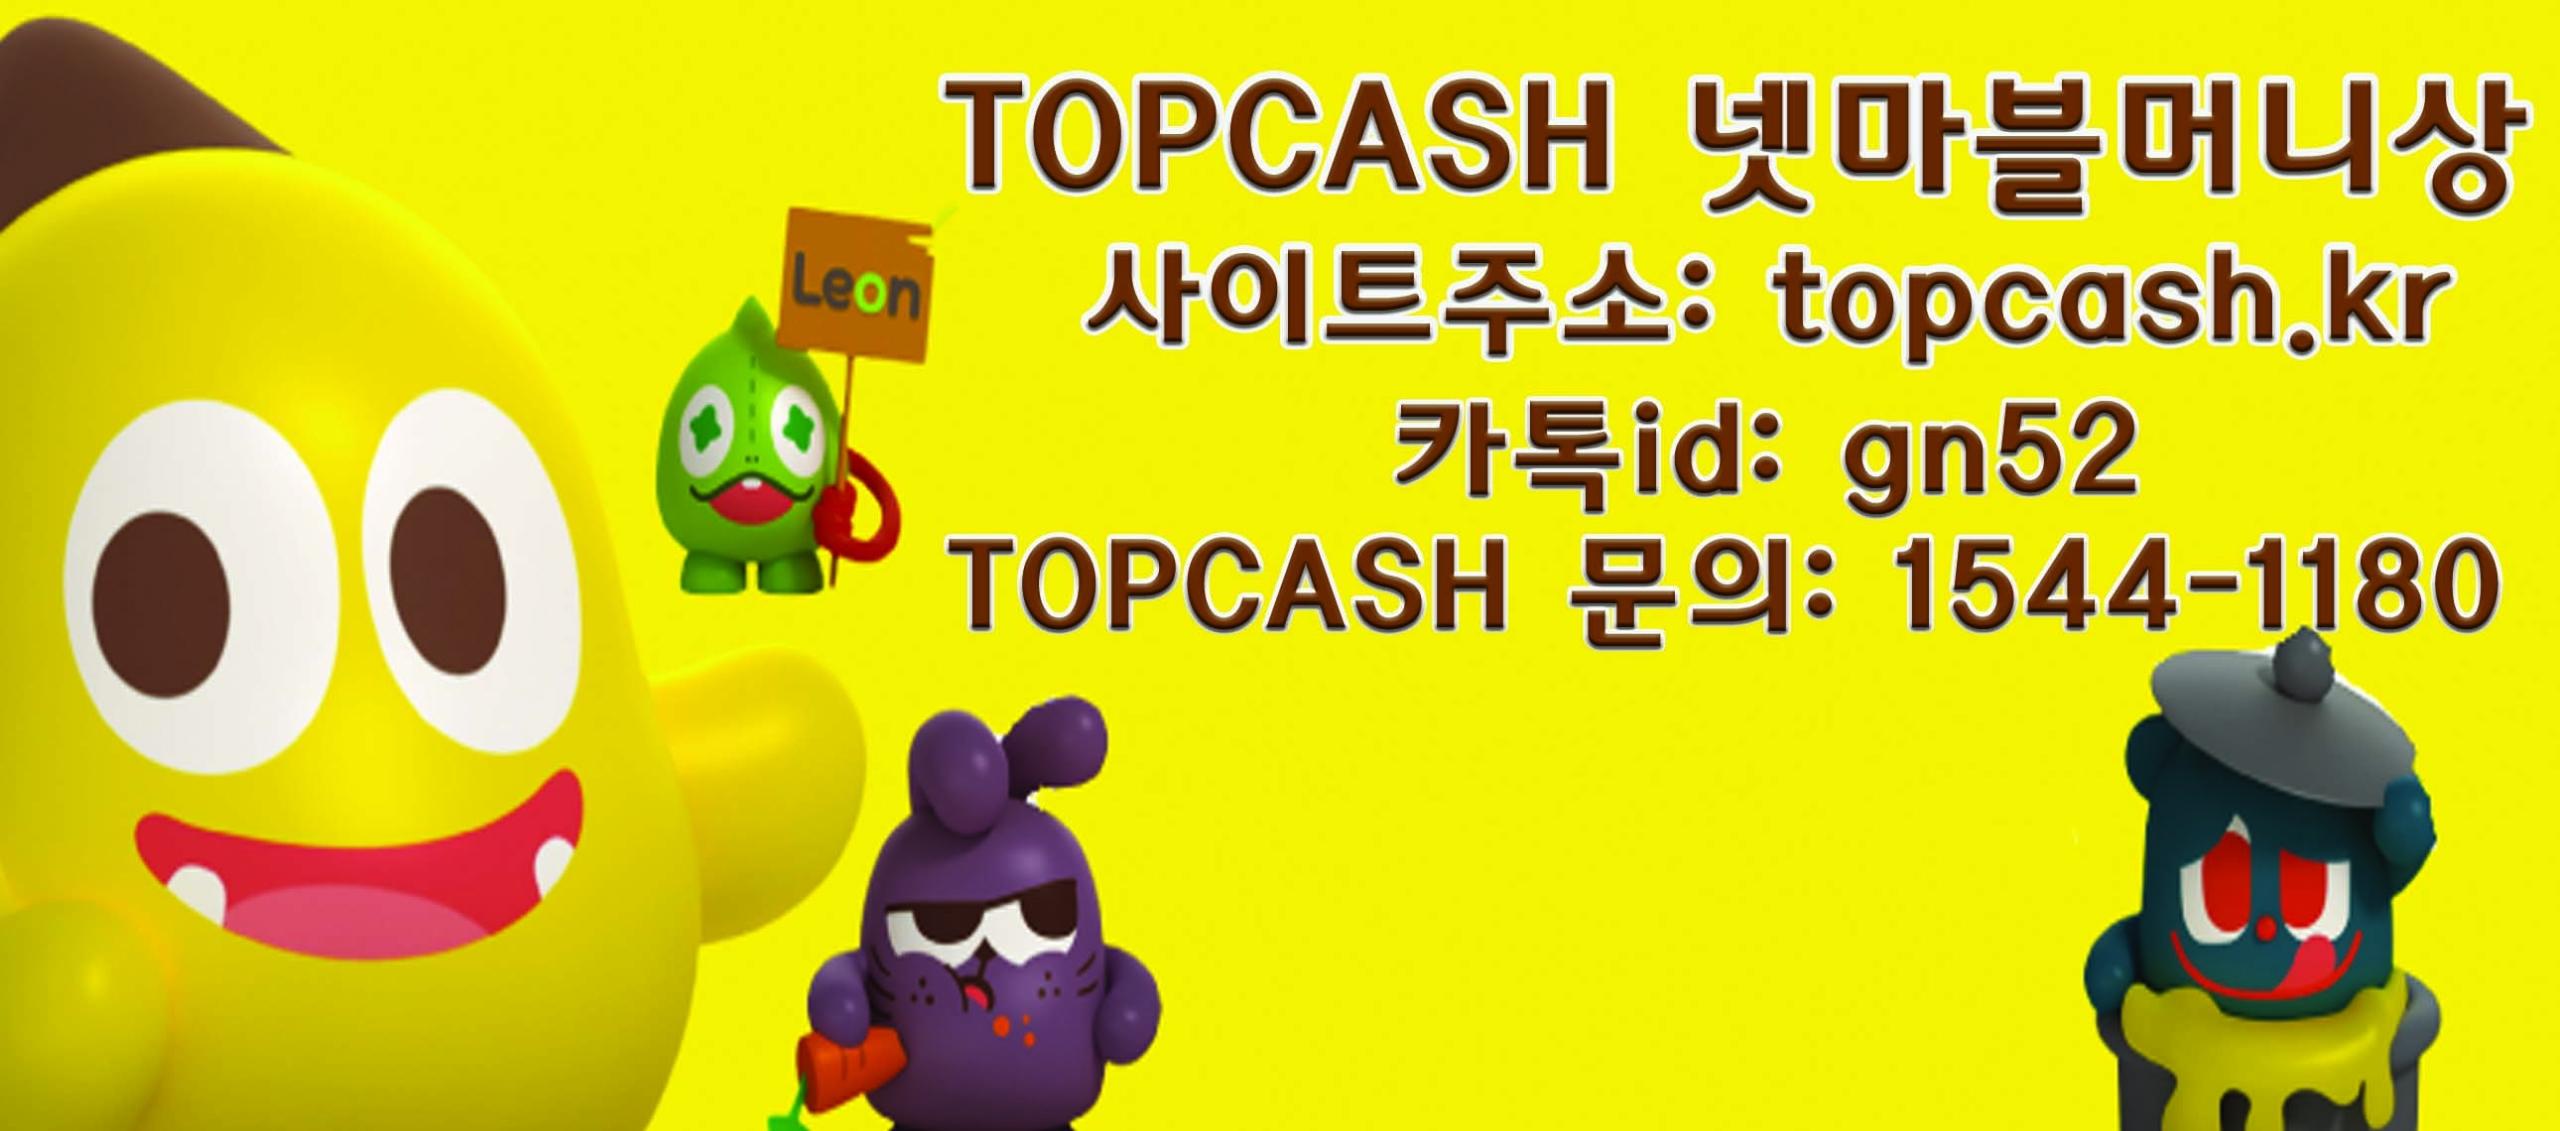 넷마블 TOPcash점KR (@sptakqmf08) Cover Image